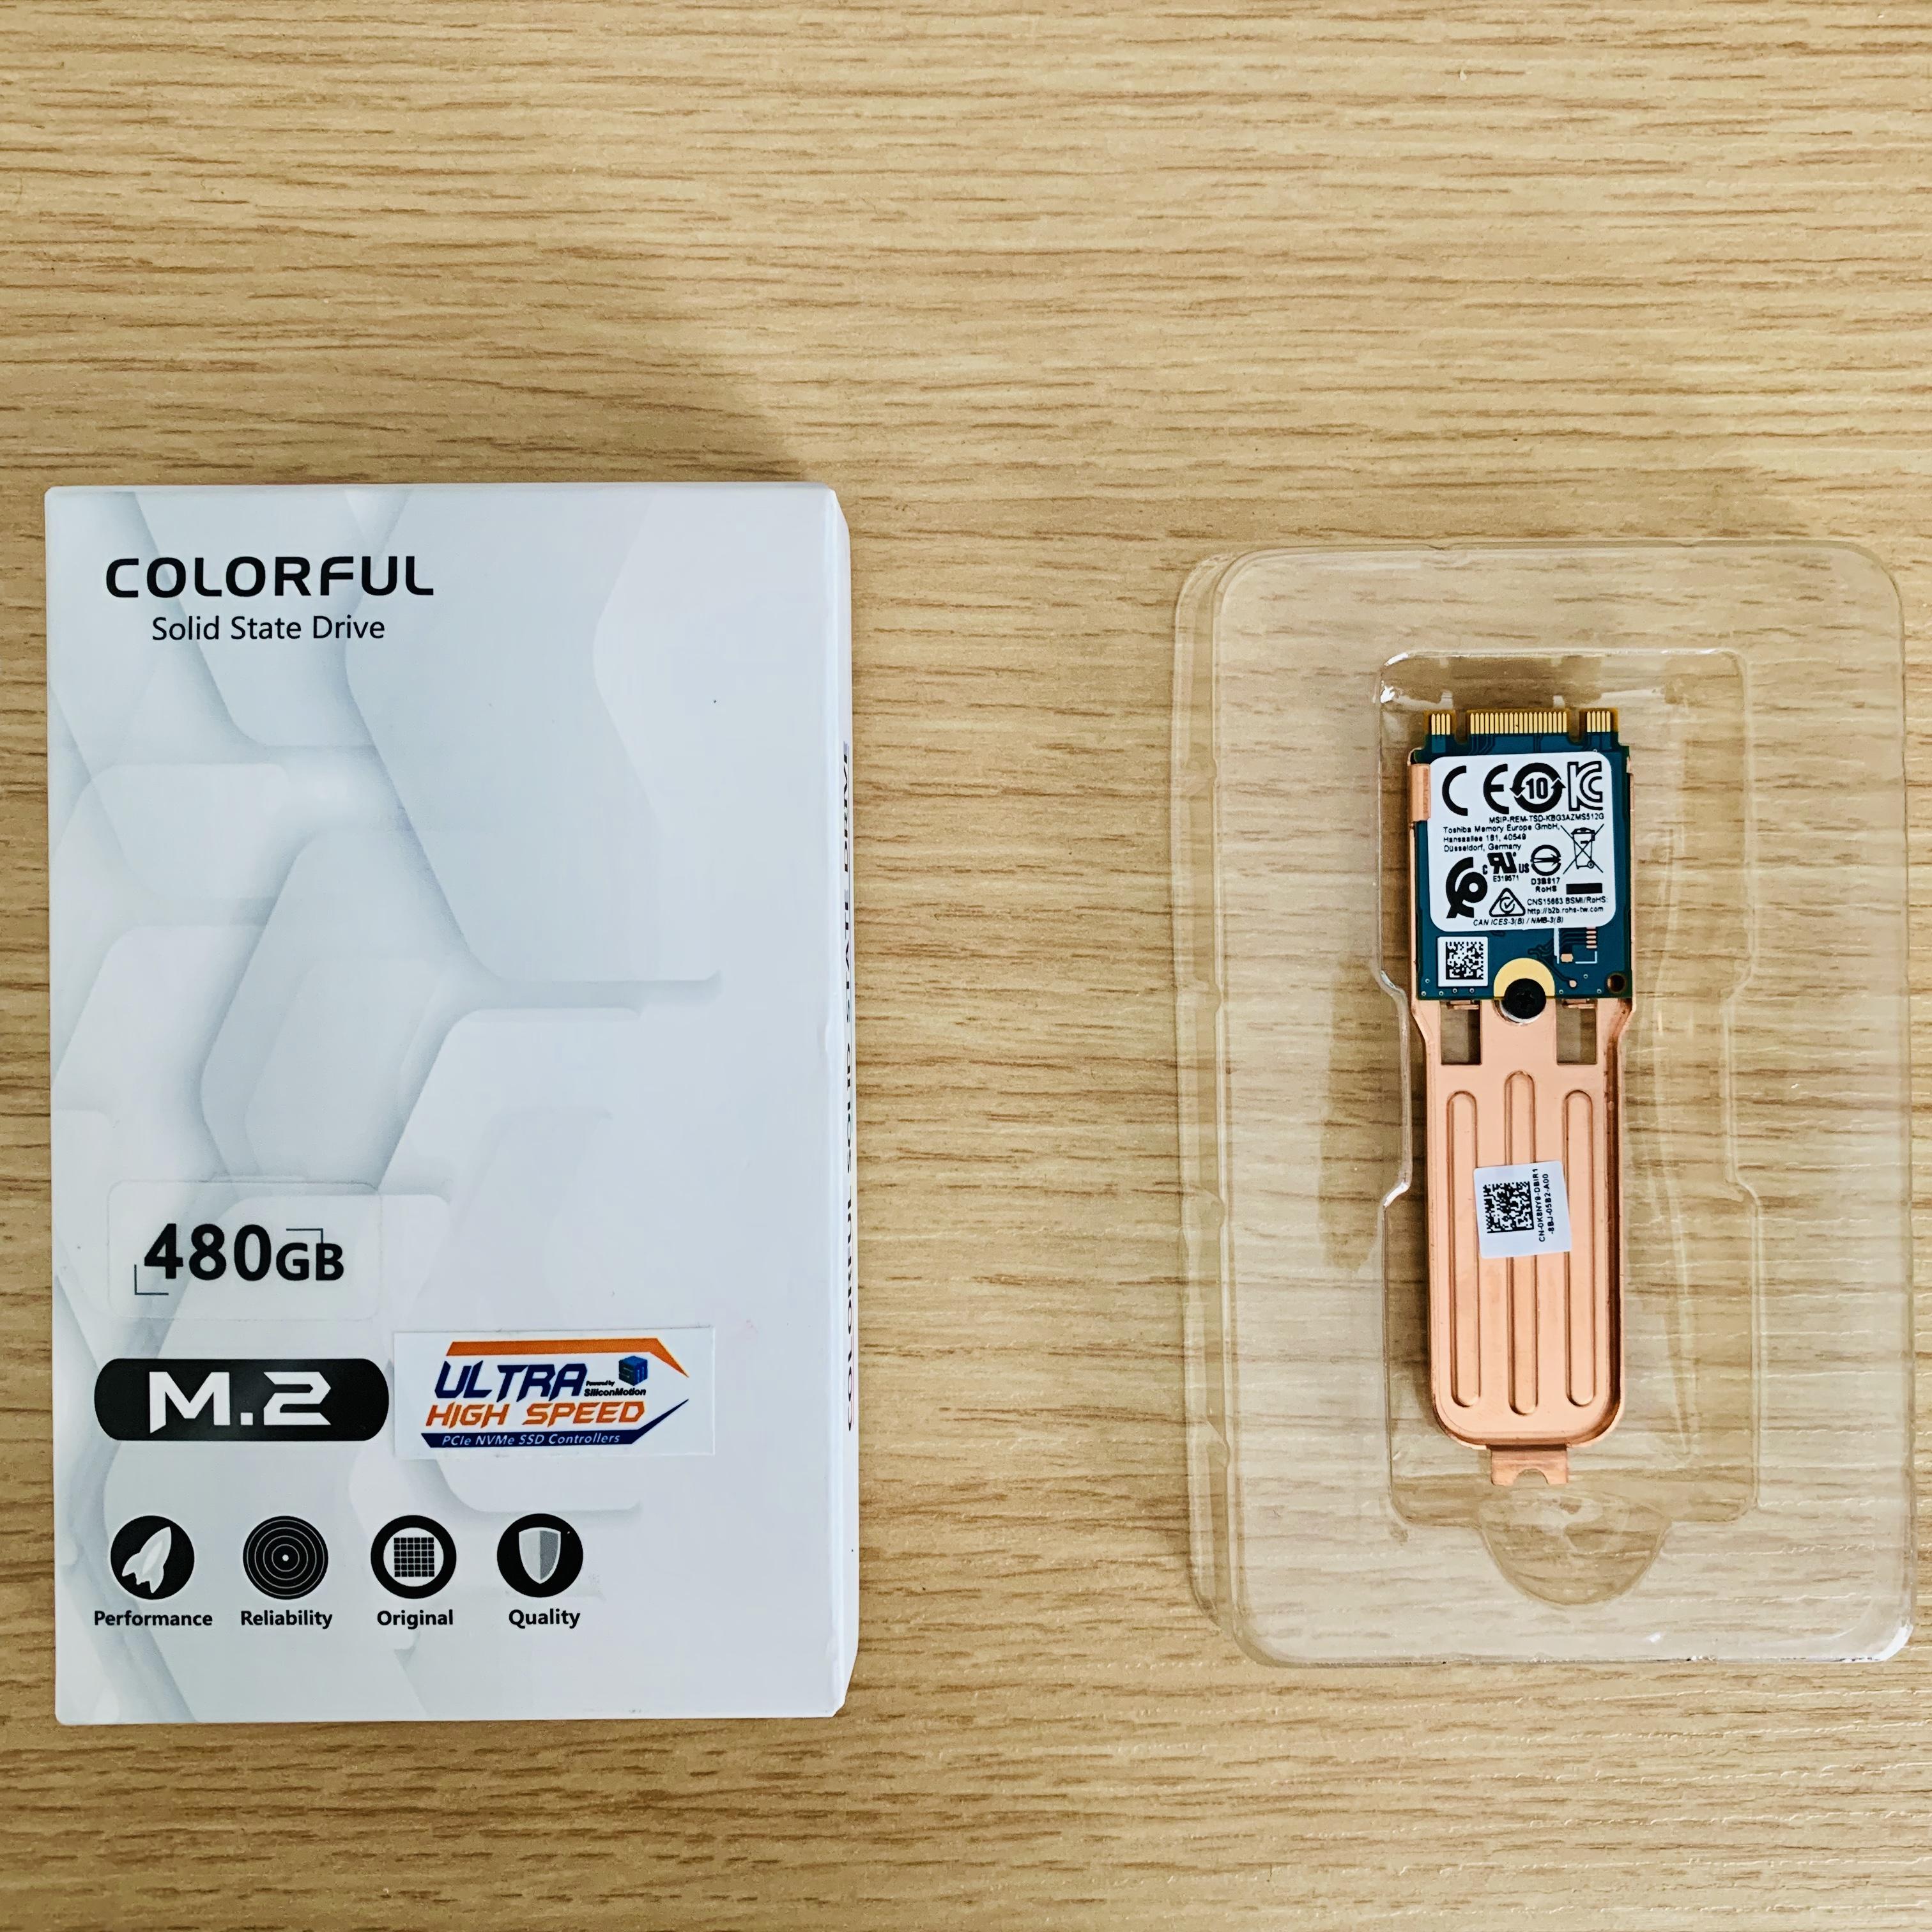 七彩虹固态包装盒与拆下来的 G7 自带 128G 东芝固态